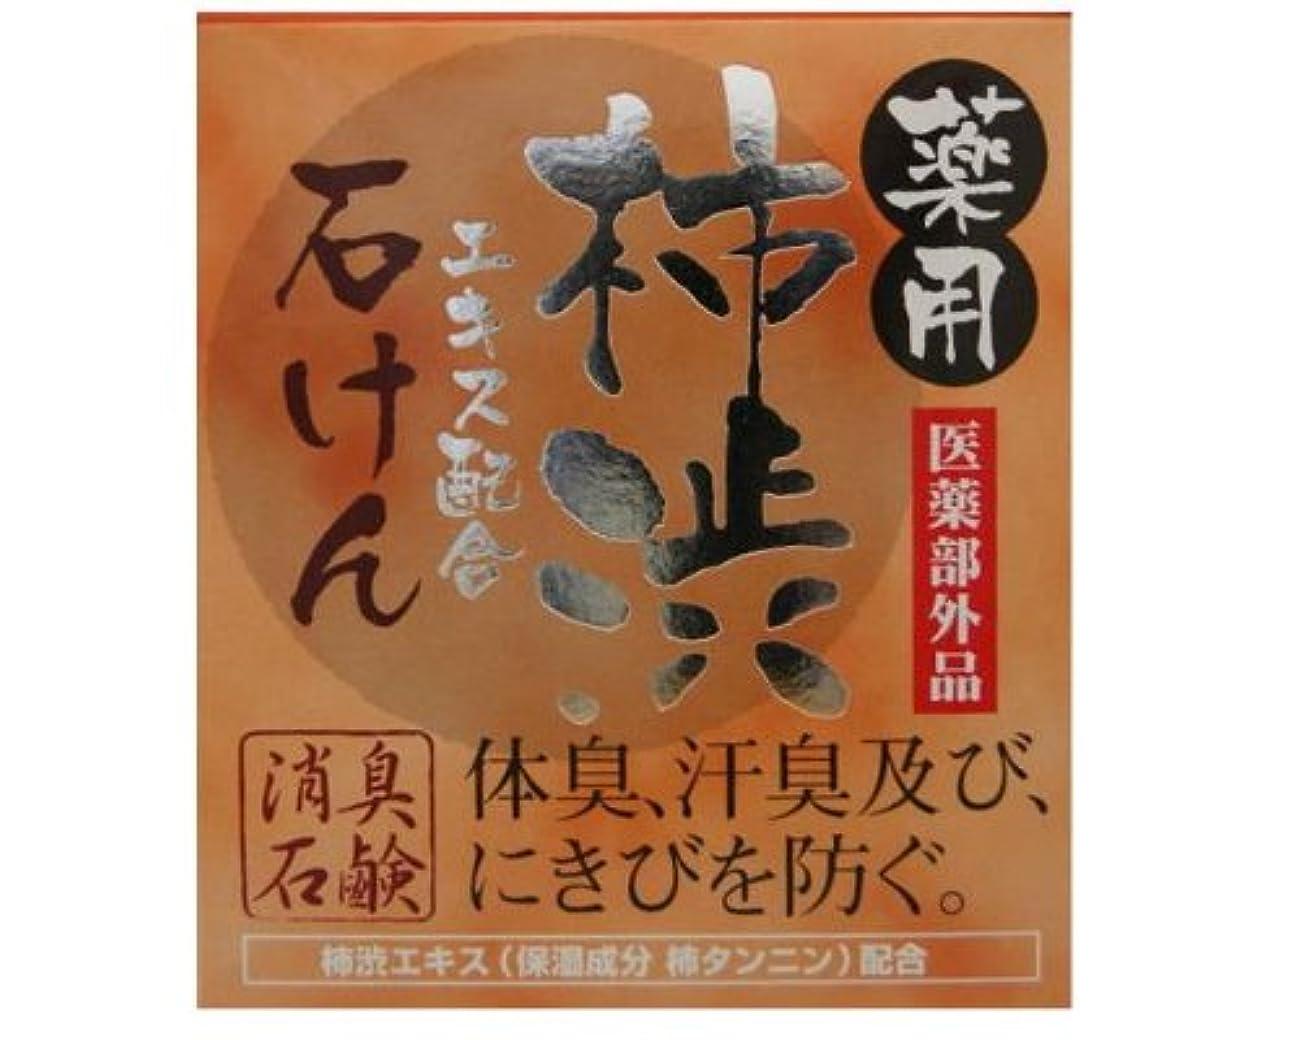 番目多年生畝間薬用柿渋 石けん 100g 【医薬部外品】